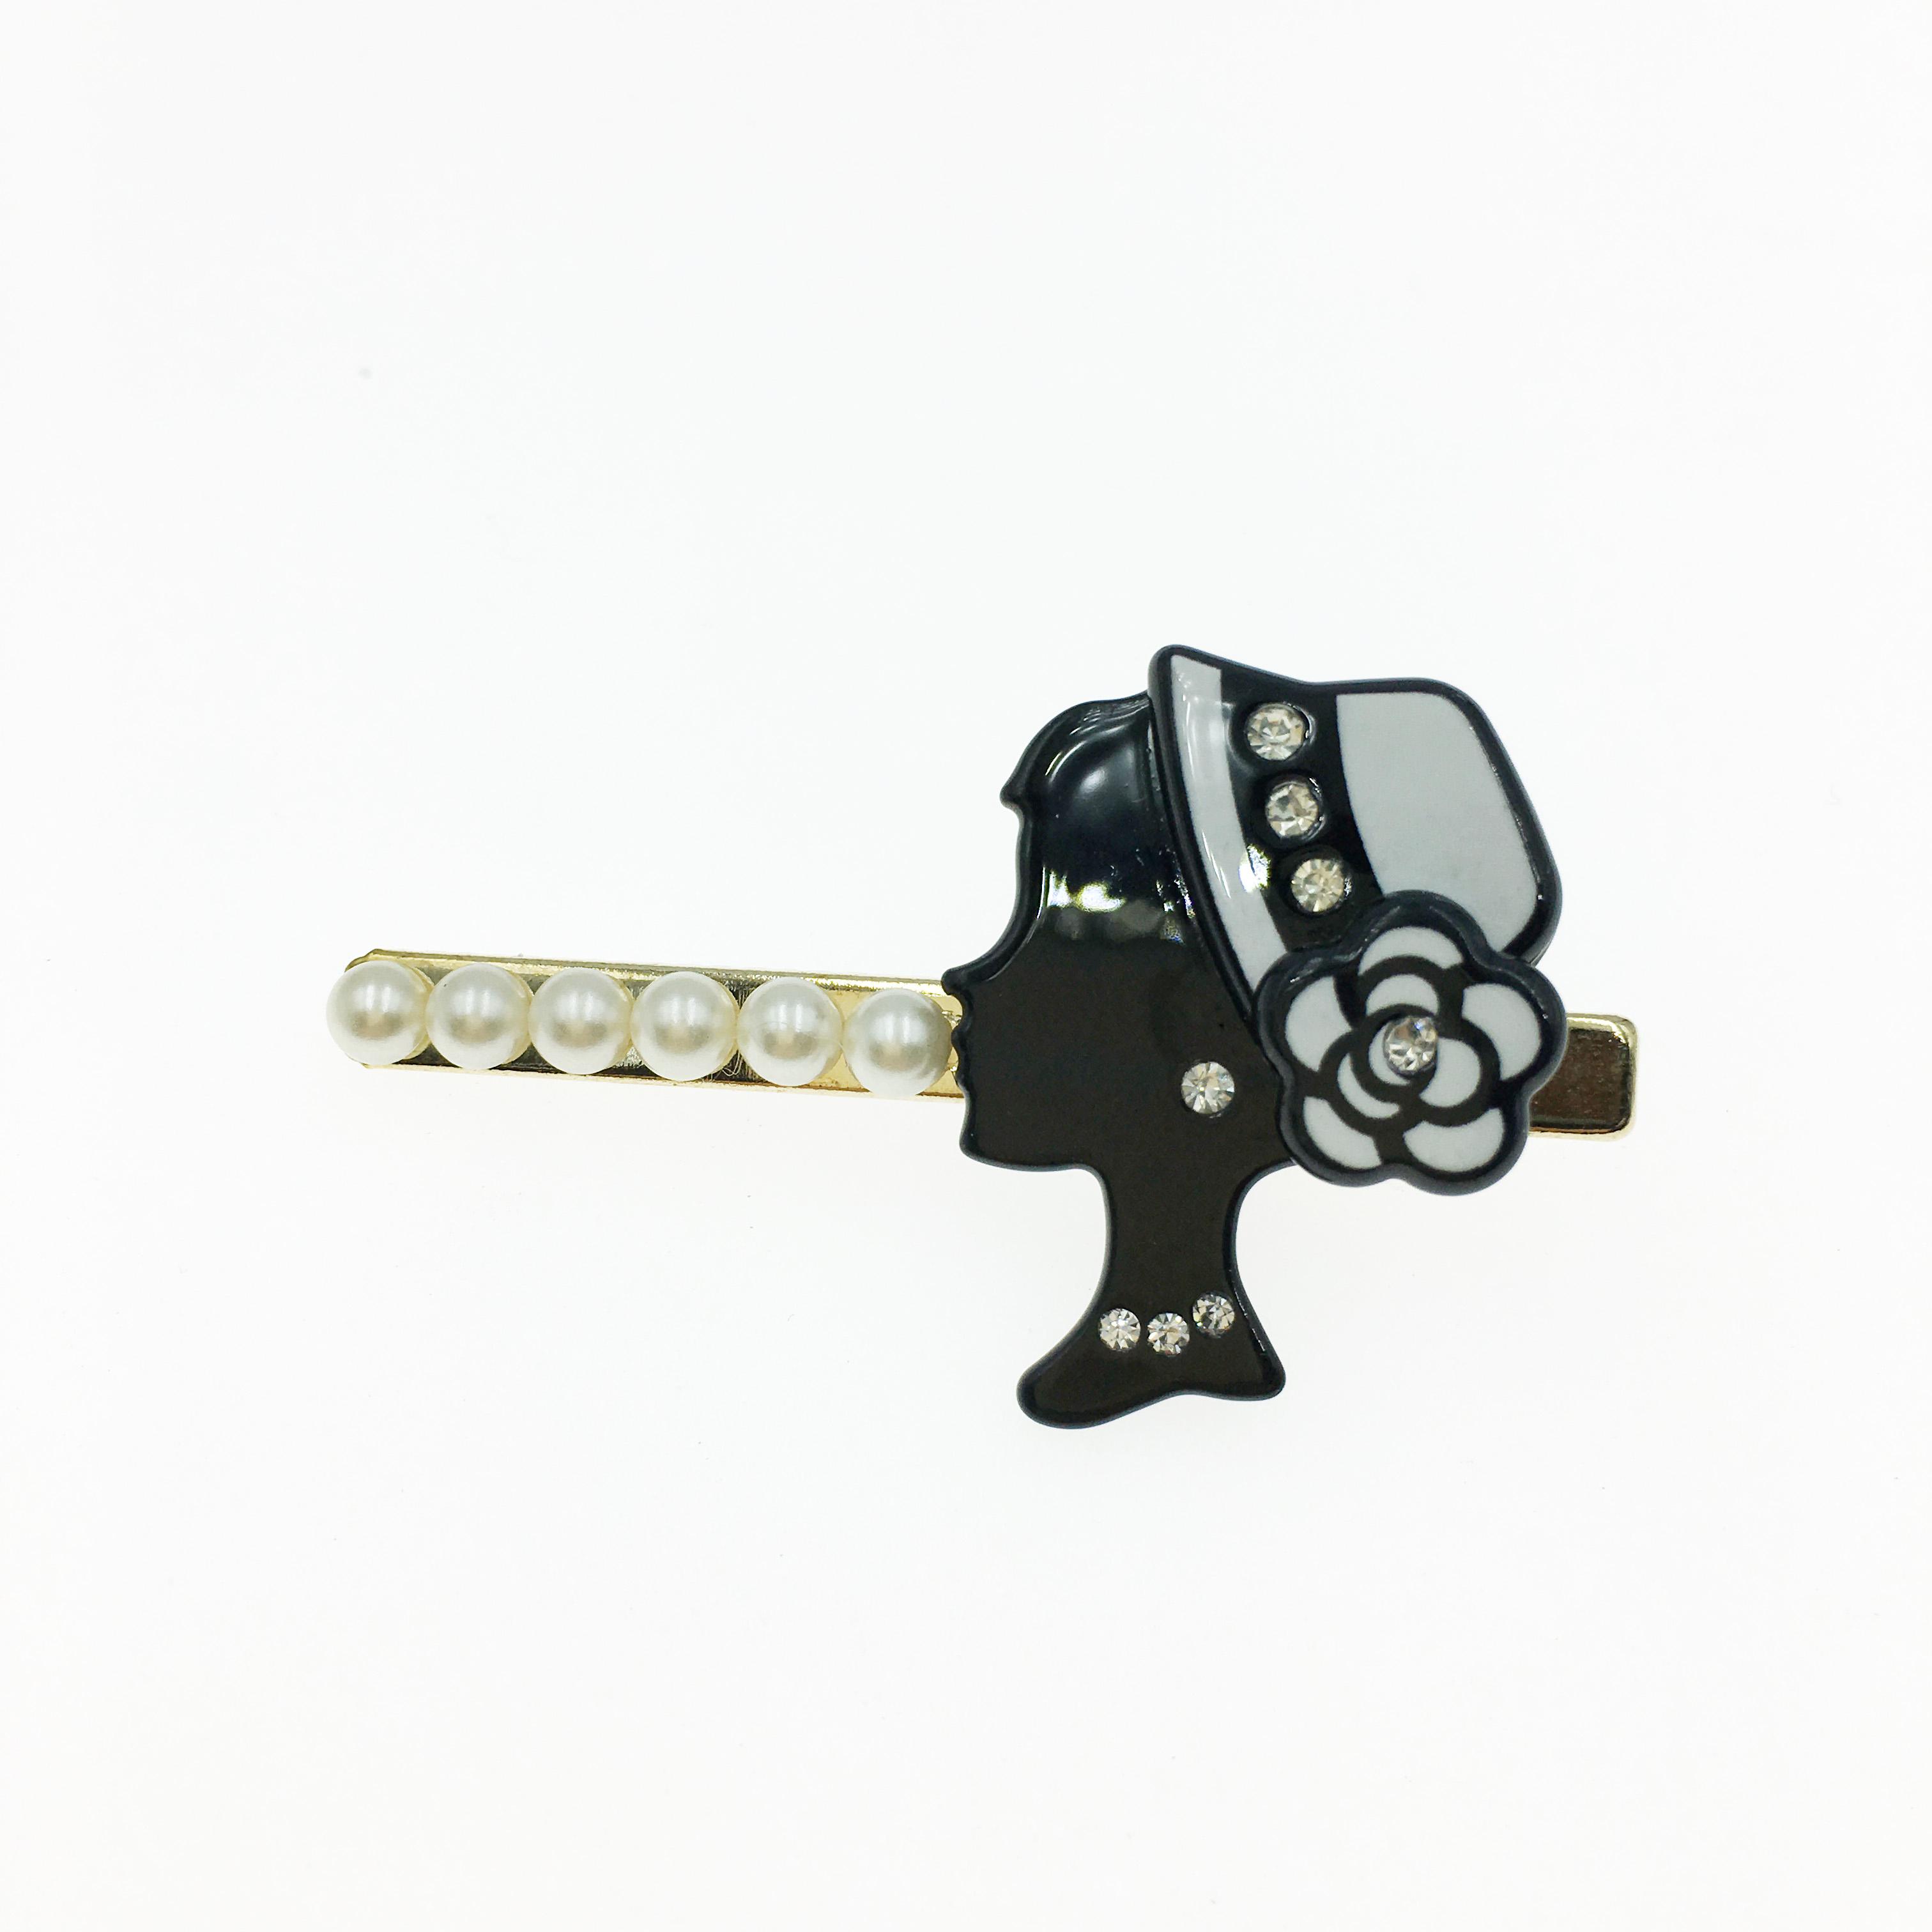 韓國 女人頭 小香風 水鑽 珍珠 壓夾 髮夾 髮飾